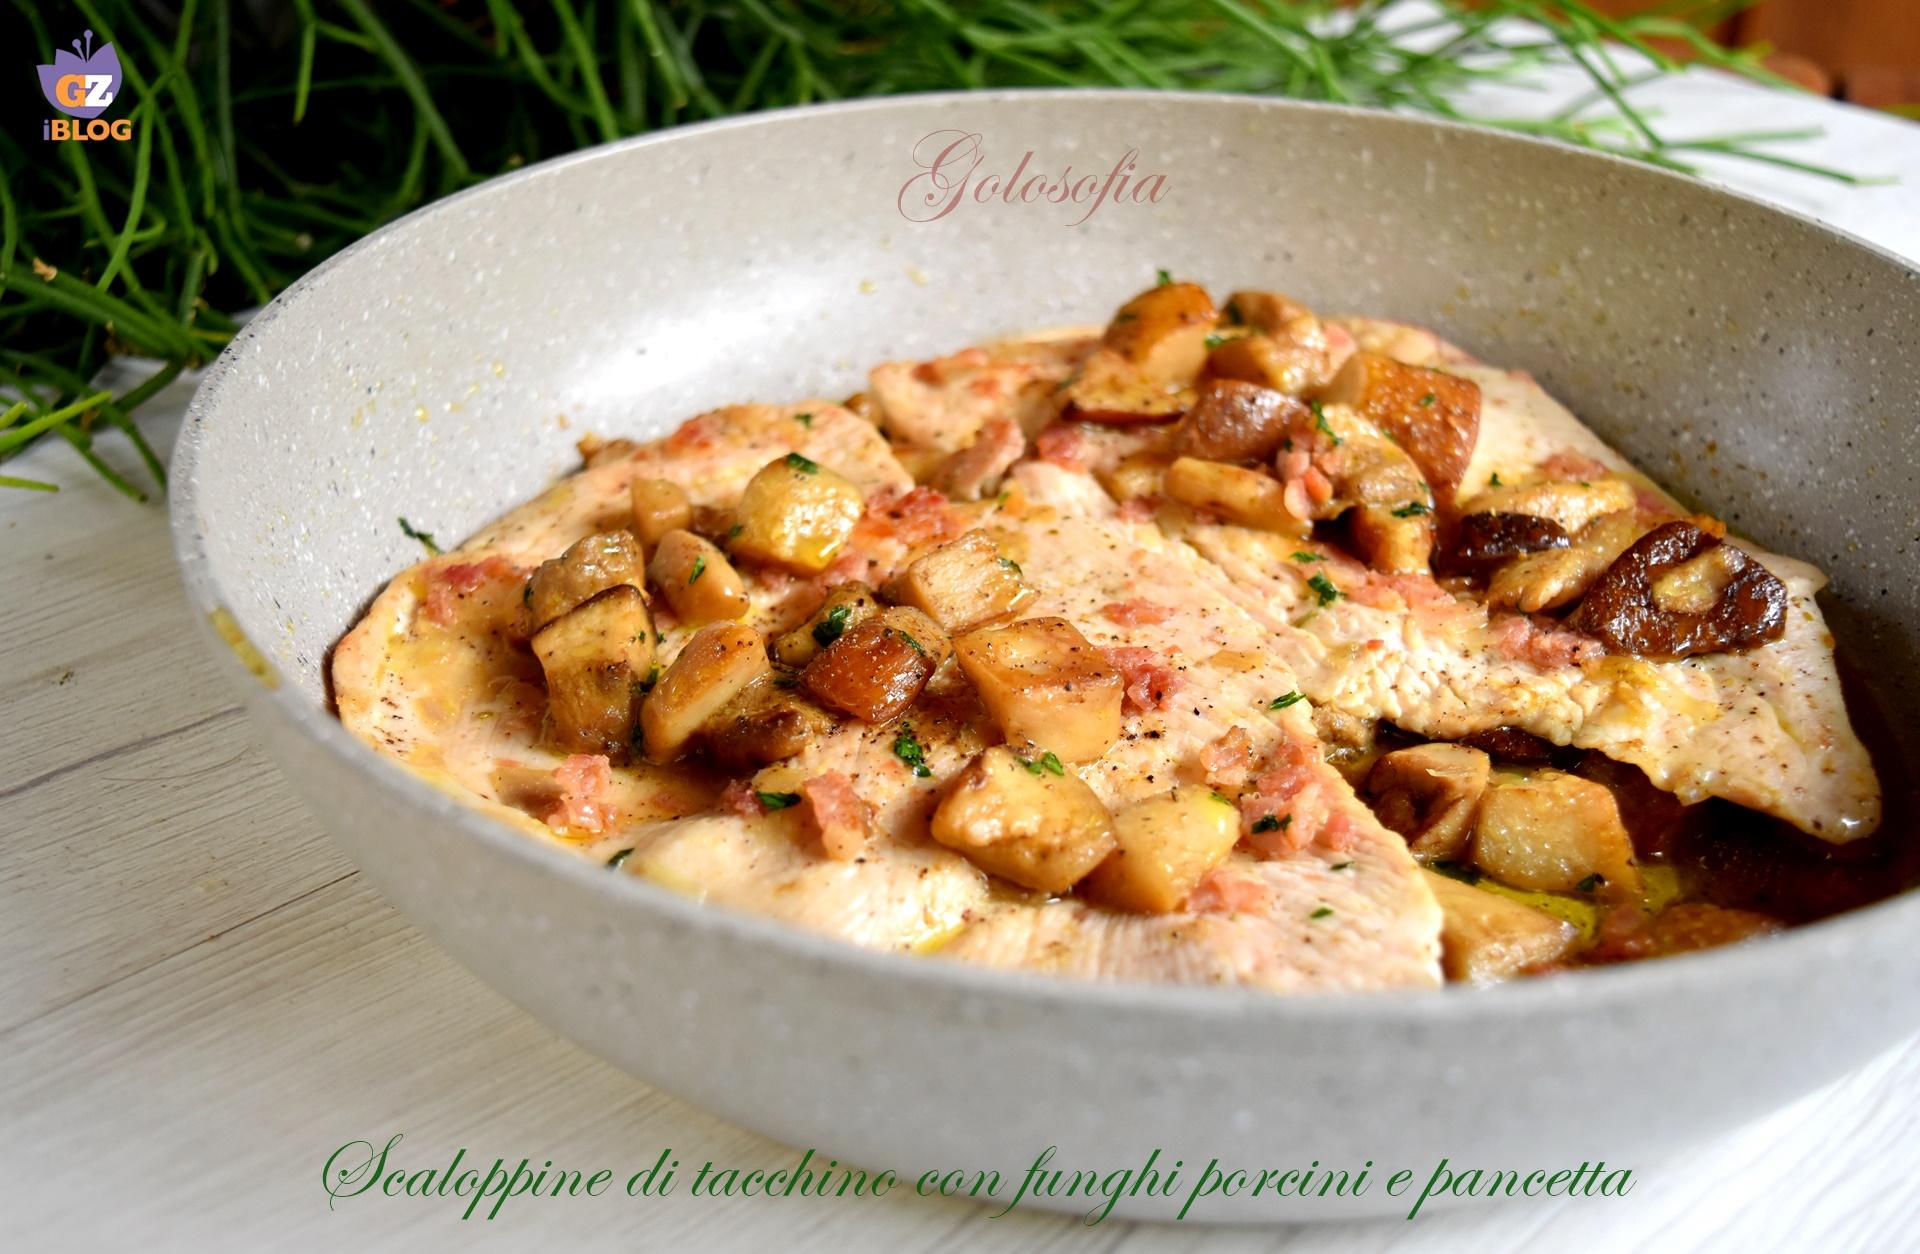 Scaloppine di tacchino con funghi porcini e pancetta, ricetta sfiziosa